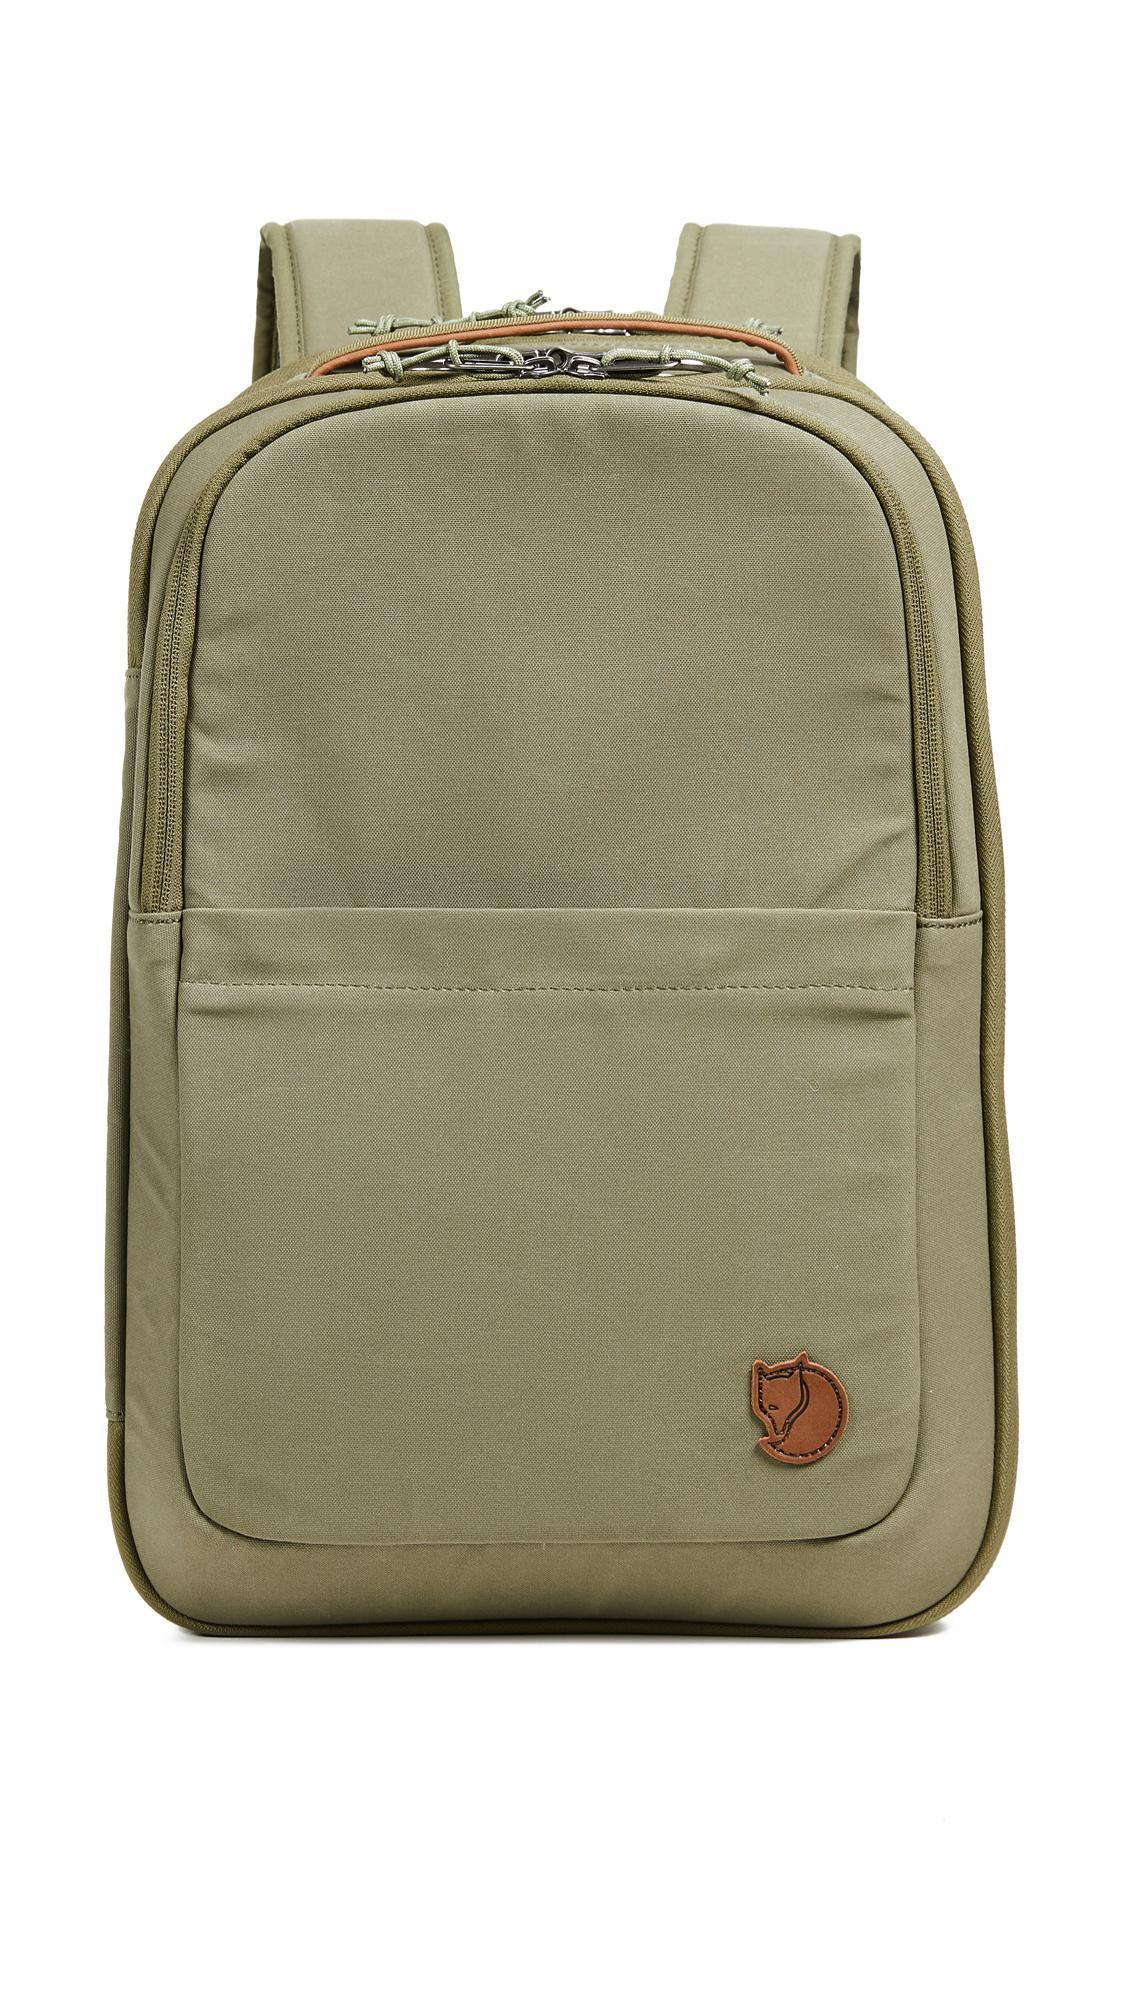 c375af72514f Fjallraven Travel Pack Small Bag in Green for Men - Lyst